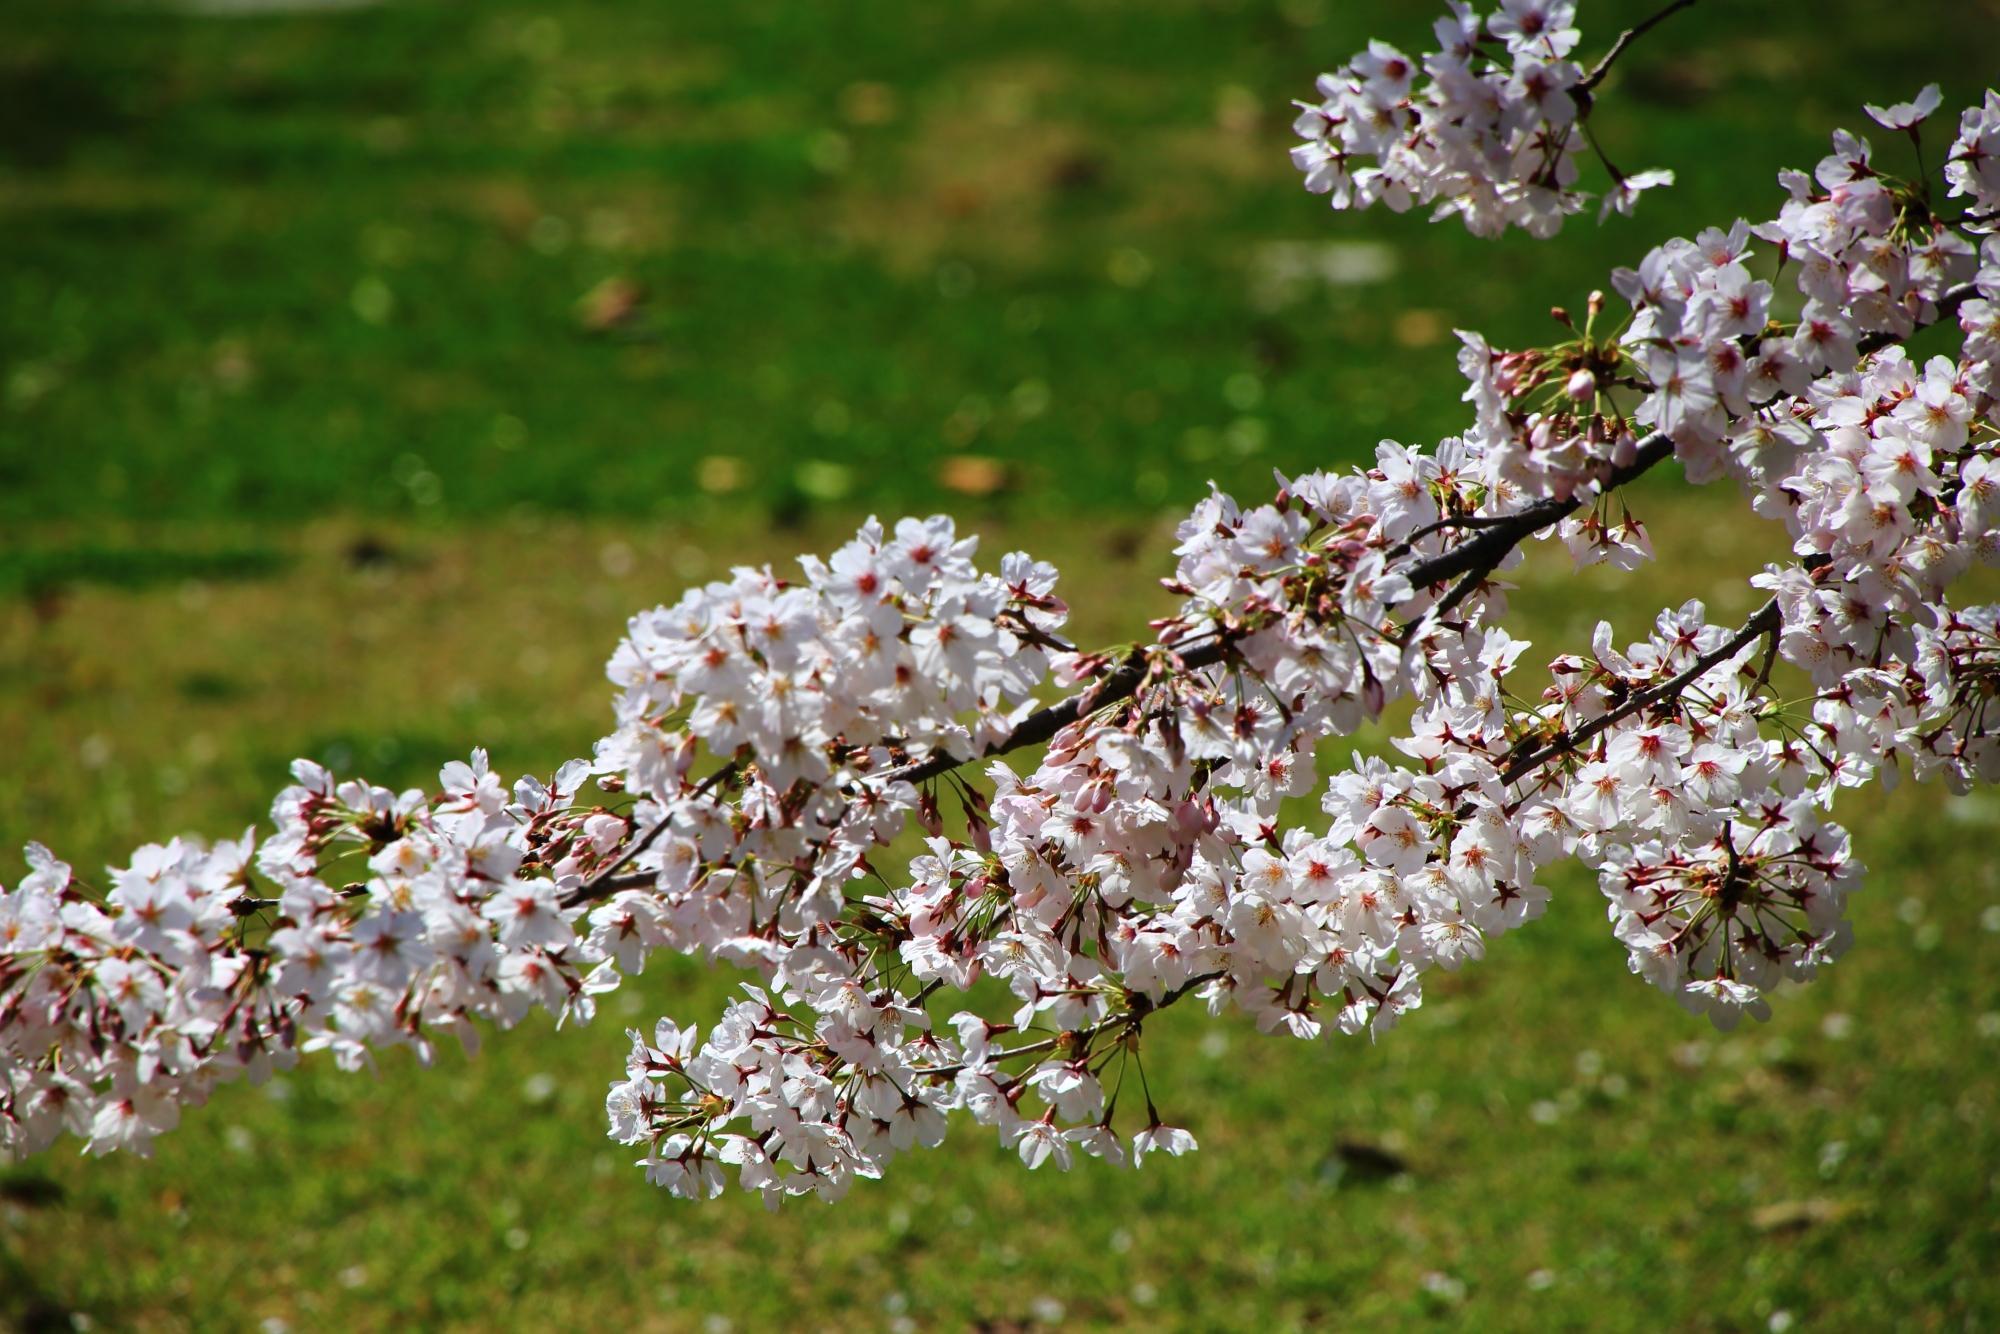 緑の芝生を背景にした彩り豊かな春の情景